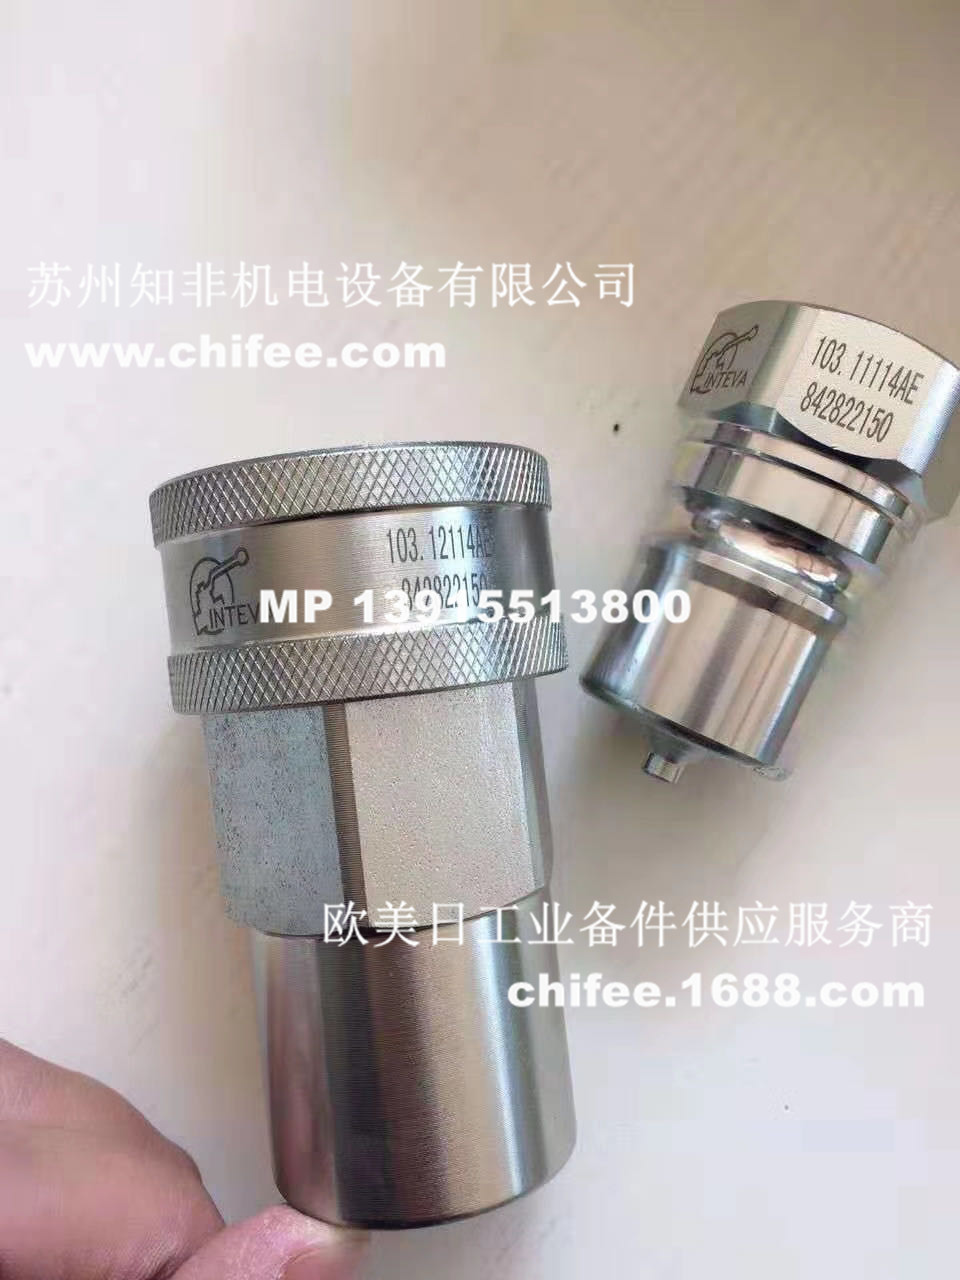 微信图片_2020052611361515.jpg